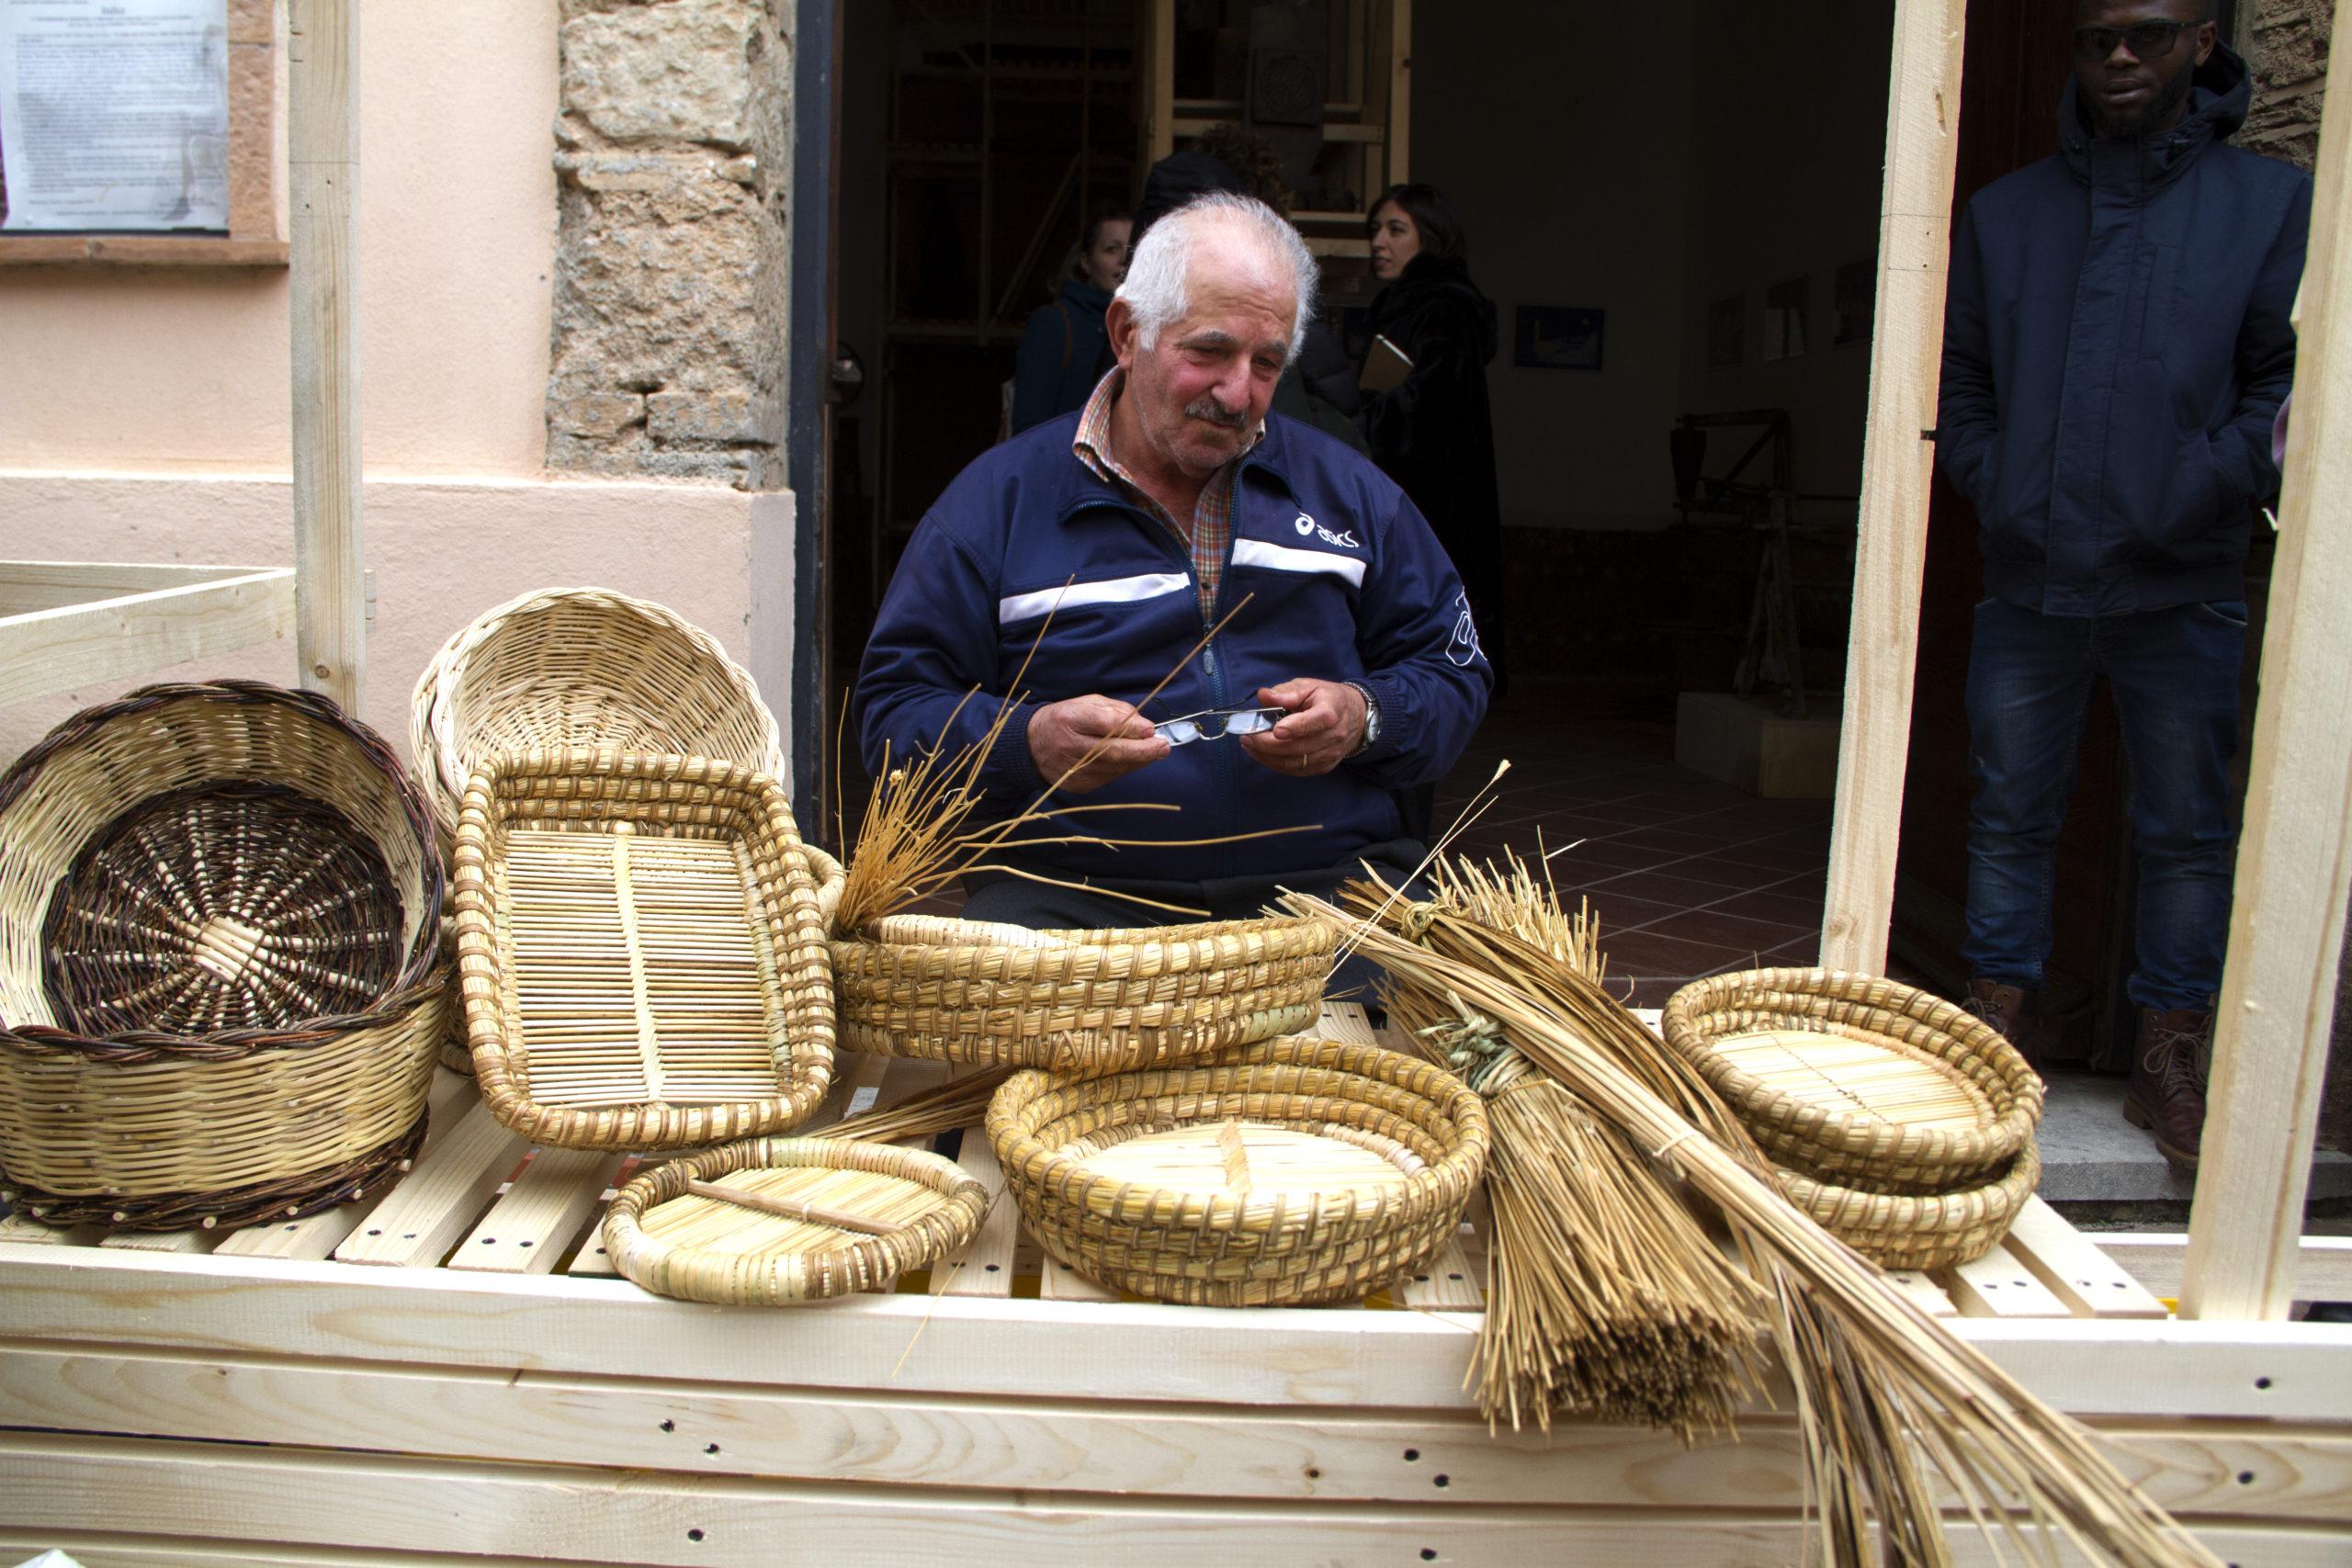 Artigiano locale presenta cestini di vimini